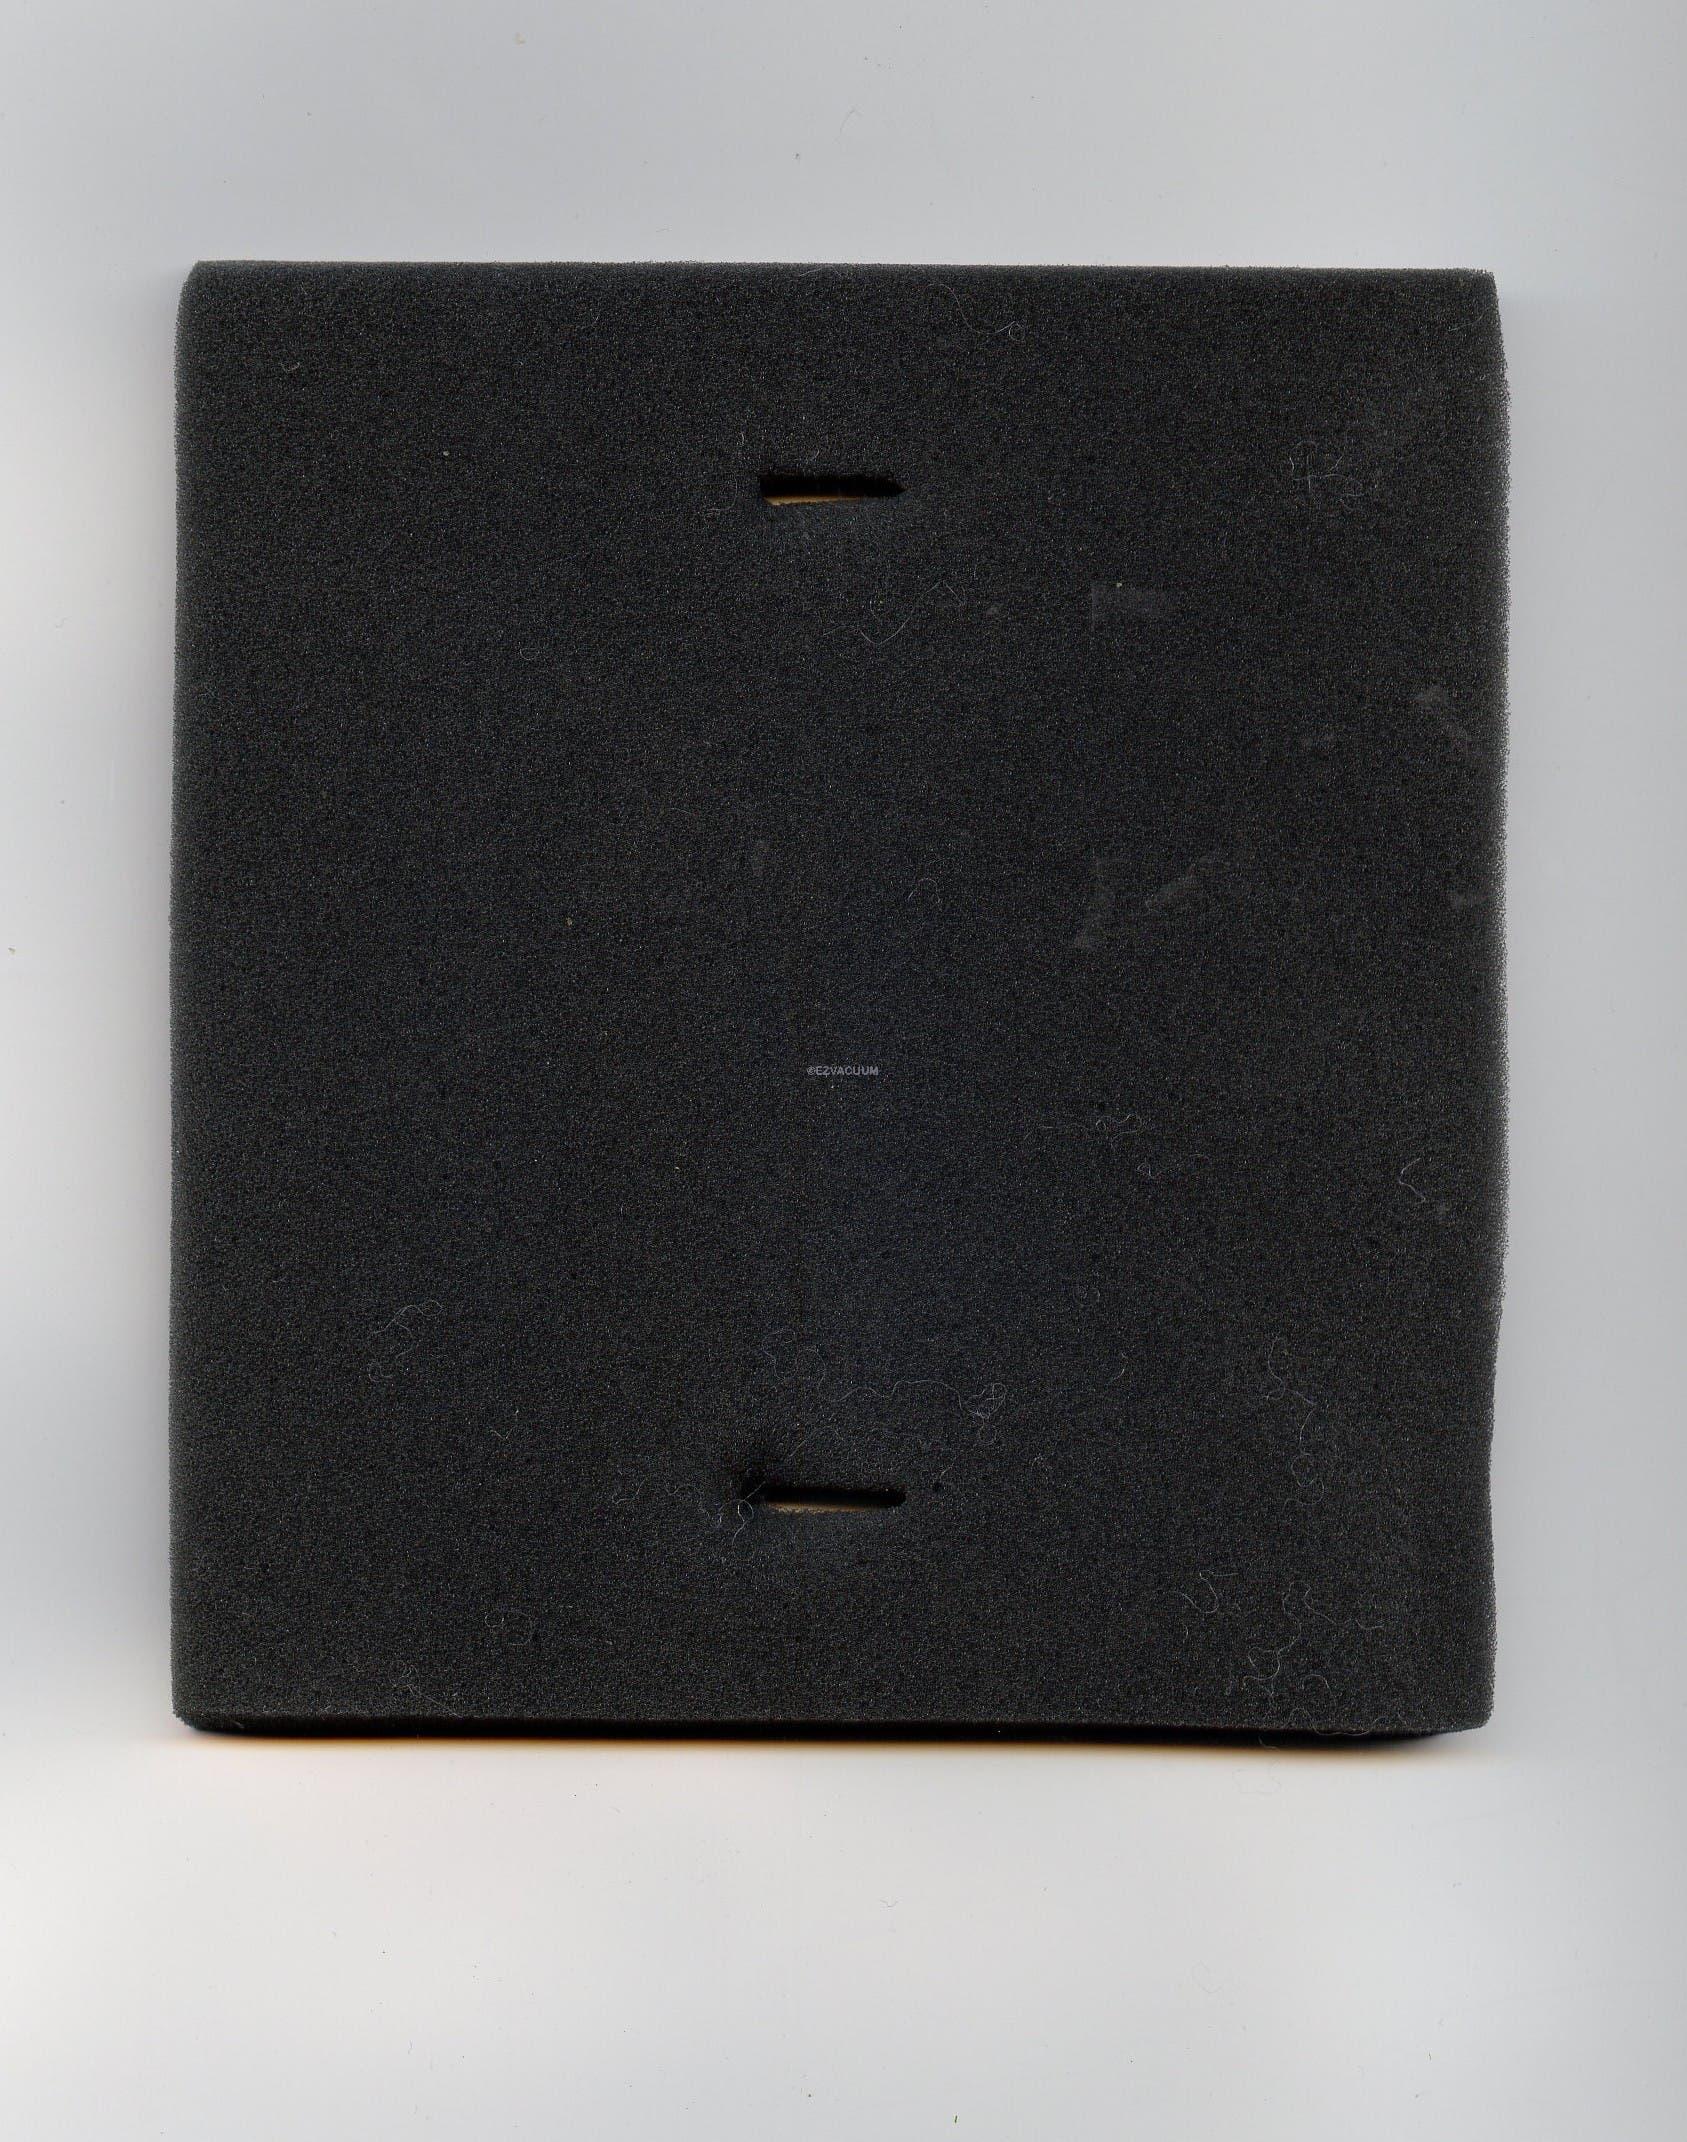 Eureka Foam Insert Filter for DCF8  74038